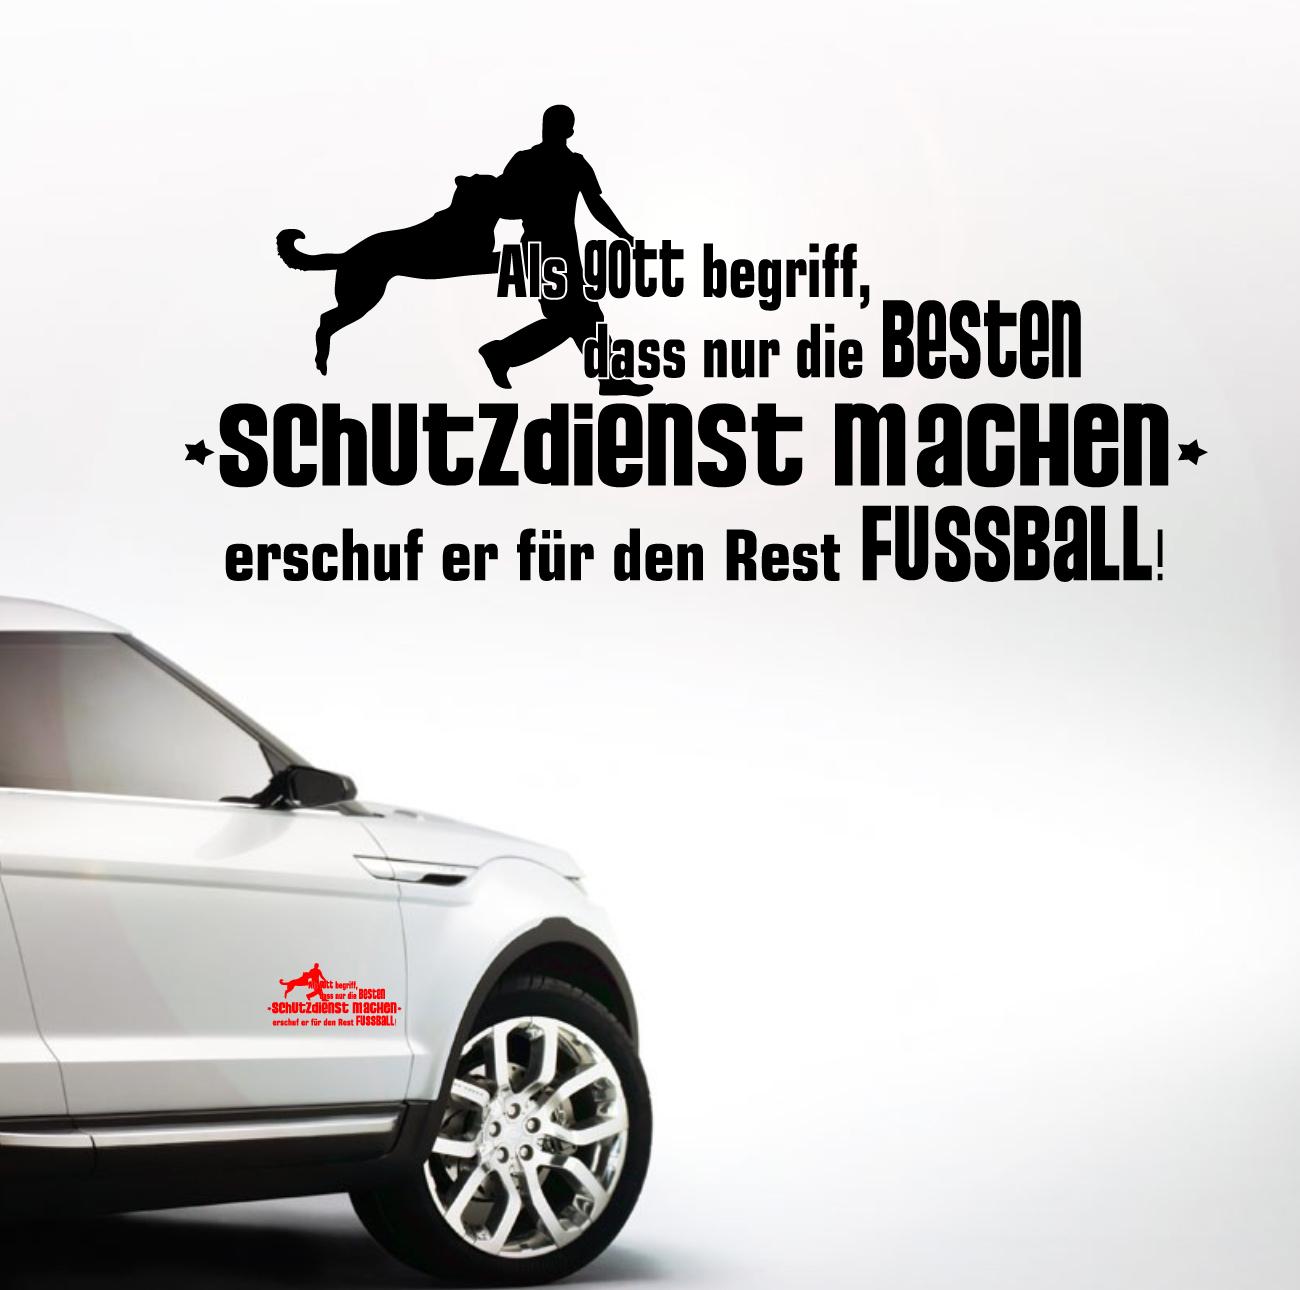 Details Zu Auto Aufkleber Schutzdienst Gott Hundesport Fußball Hund Hunde Siviwonder